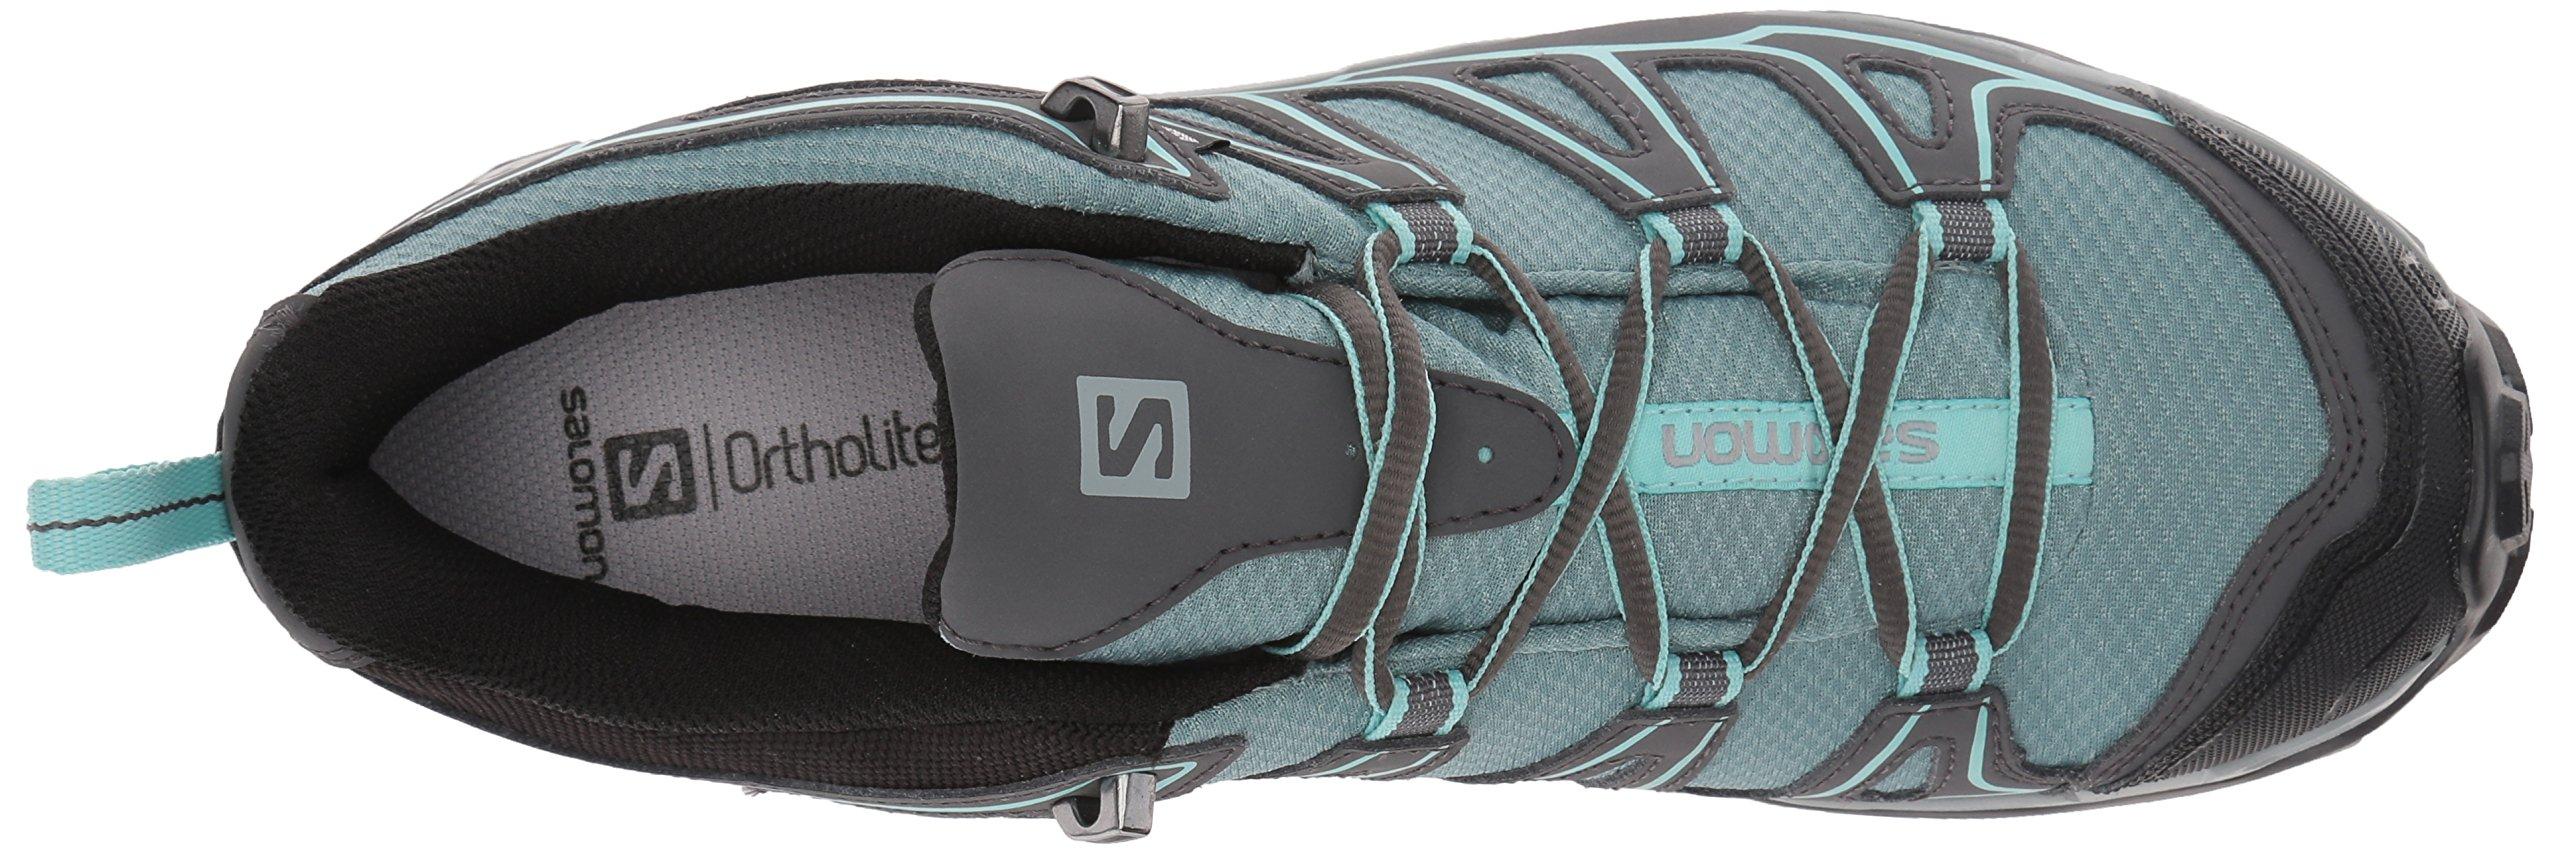 81QHJ2mQ6pL - SALOMON Women's Hiking Shoe